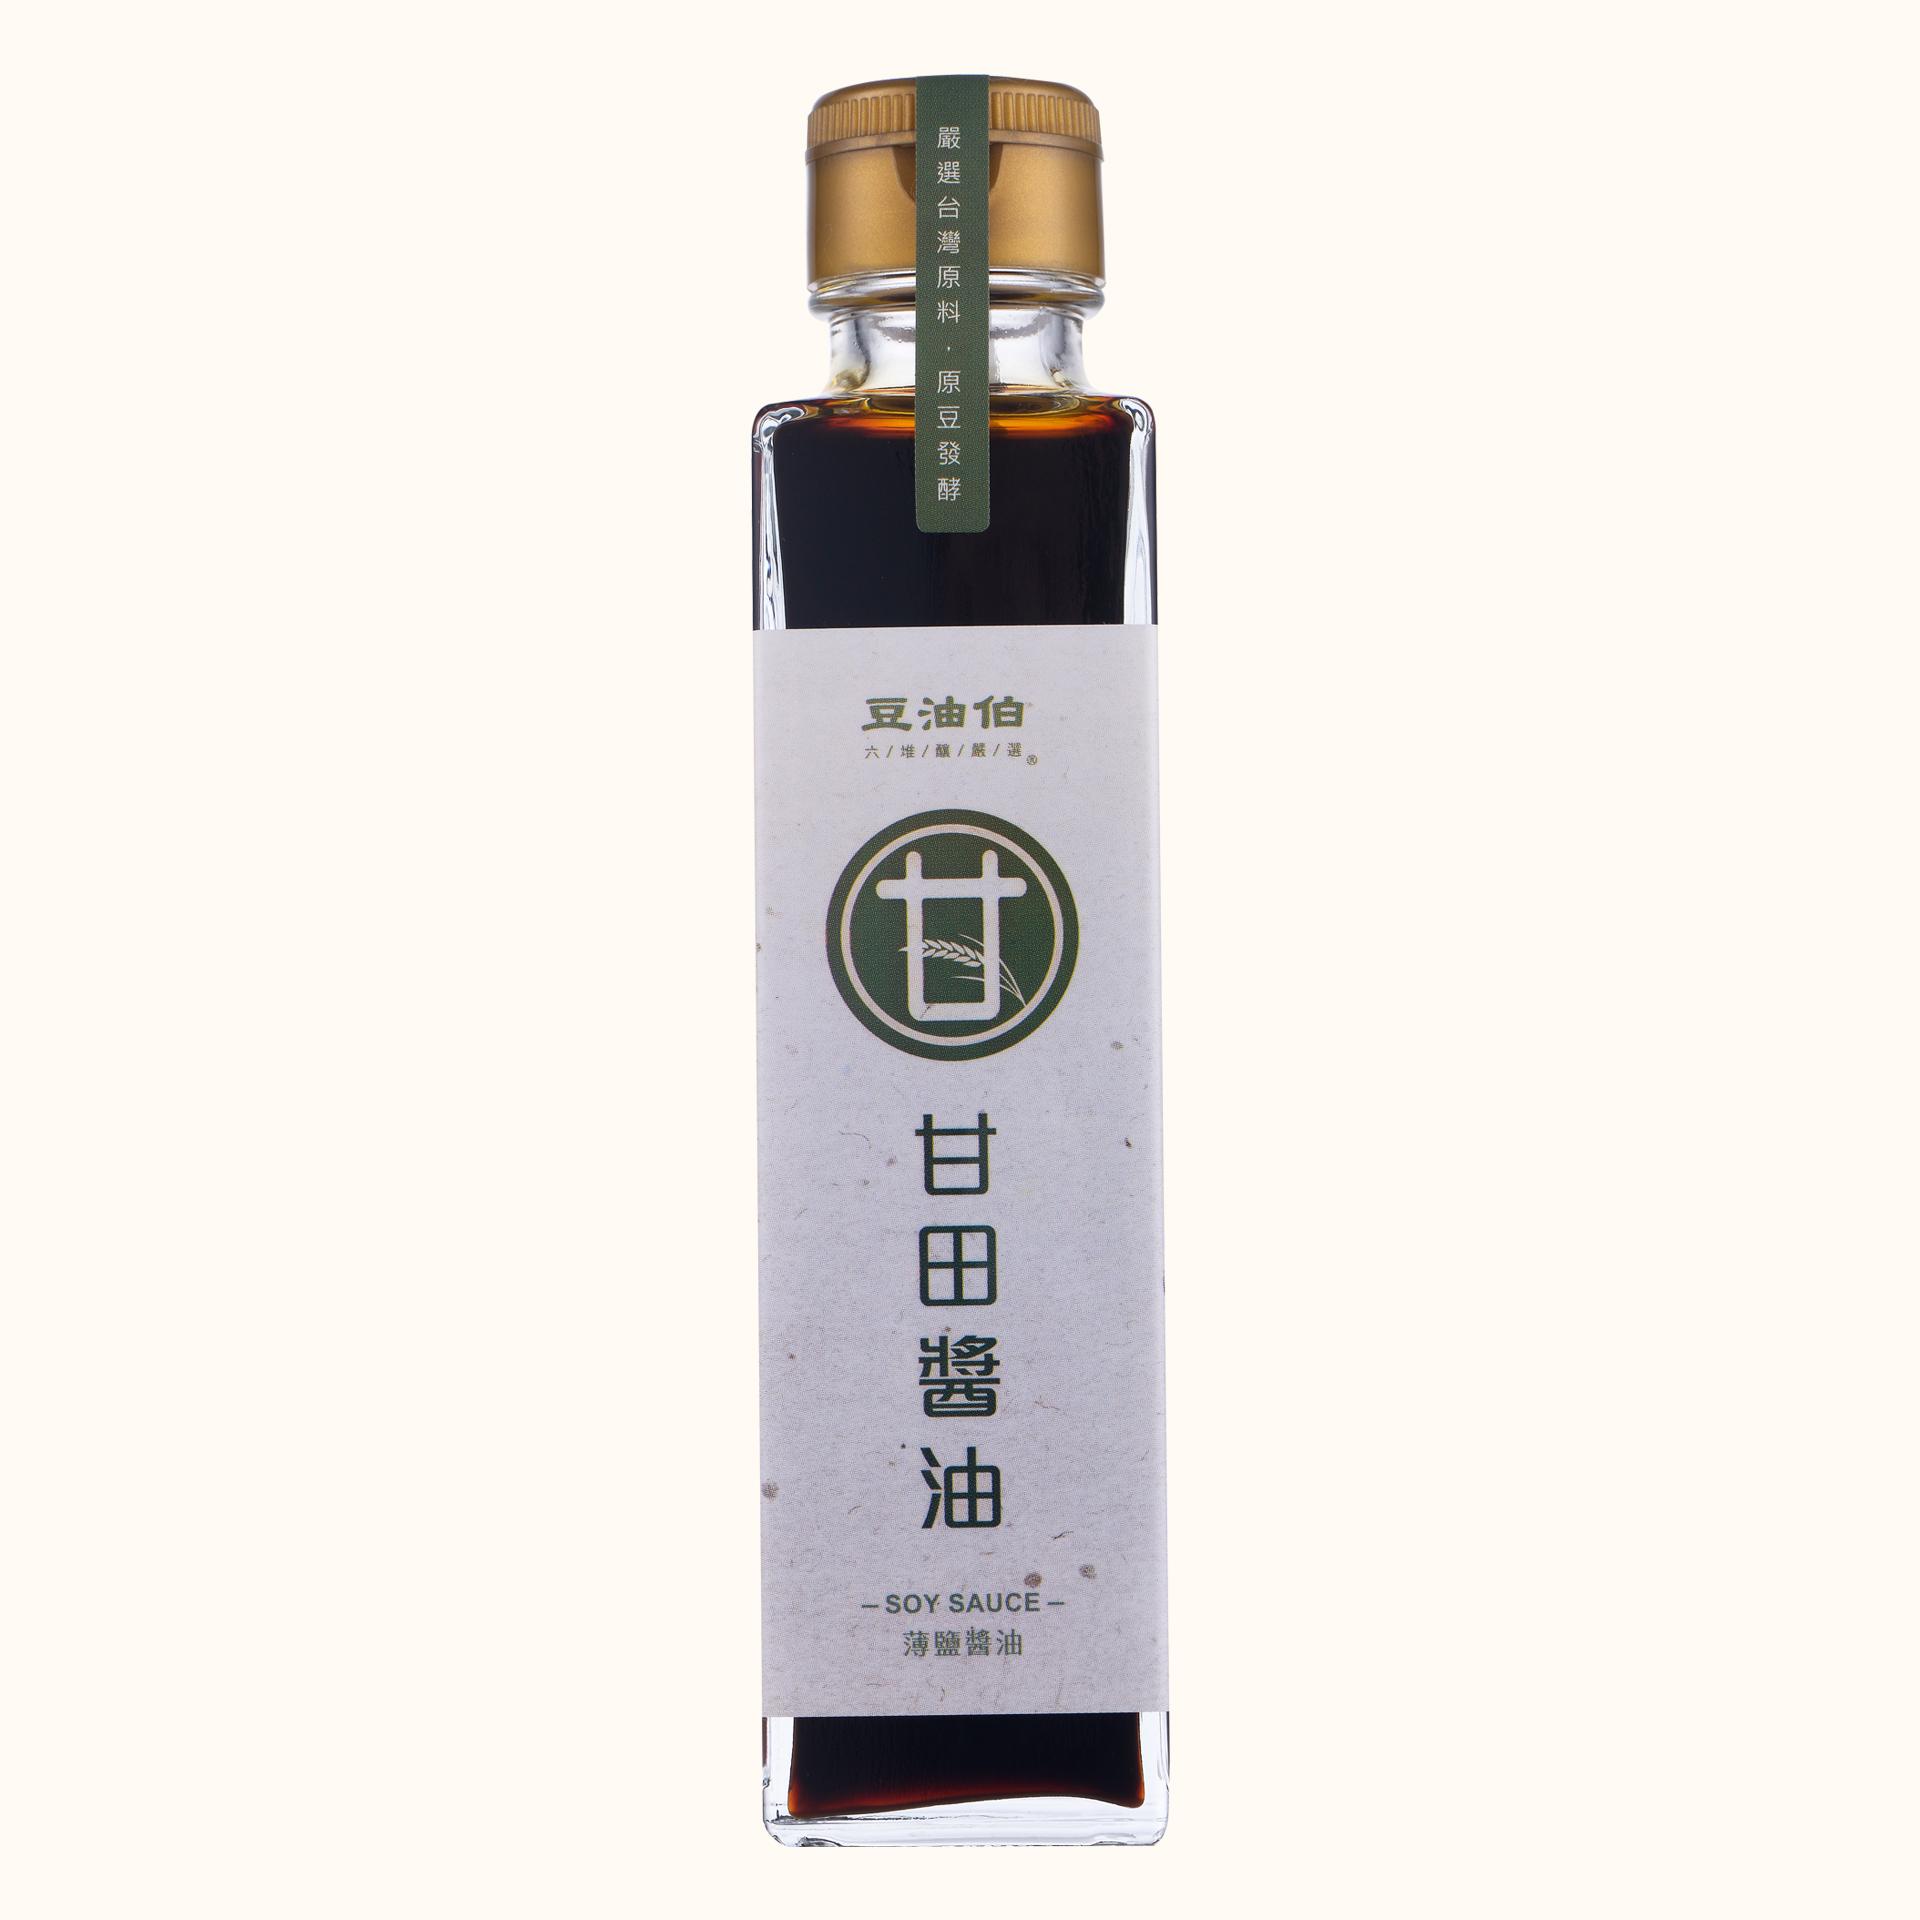 【短效品】甘田醬油(薄鹽)日式瓶150ml(效期: 20190223-20210222)